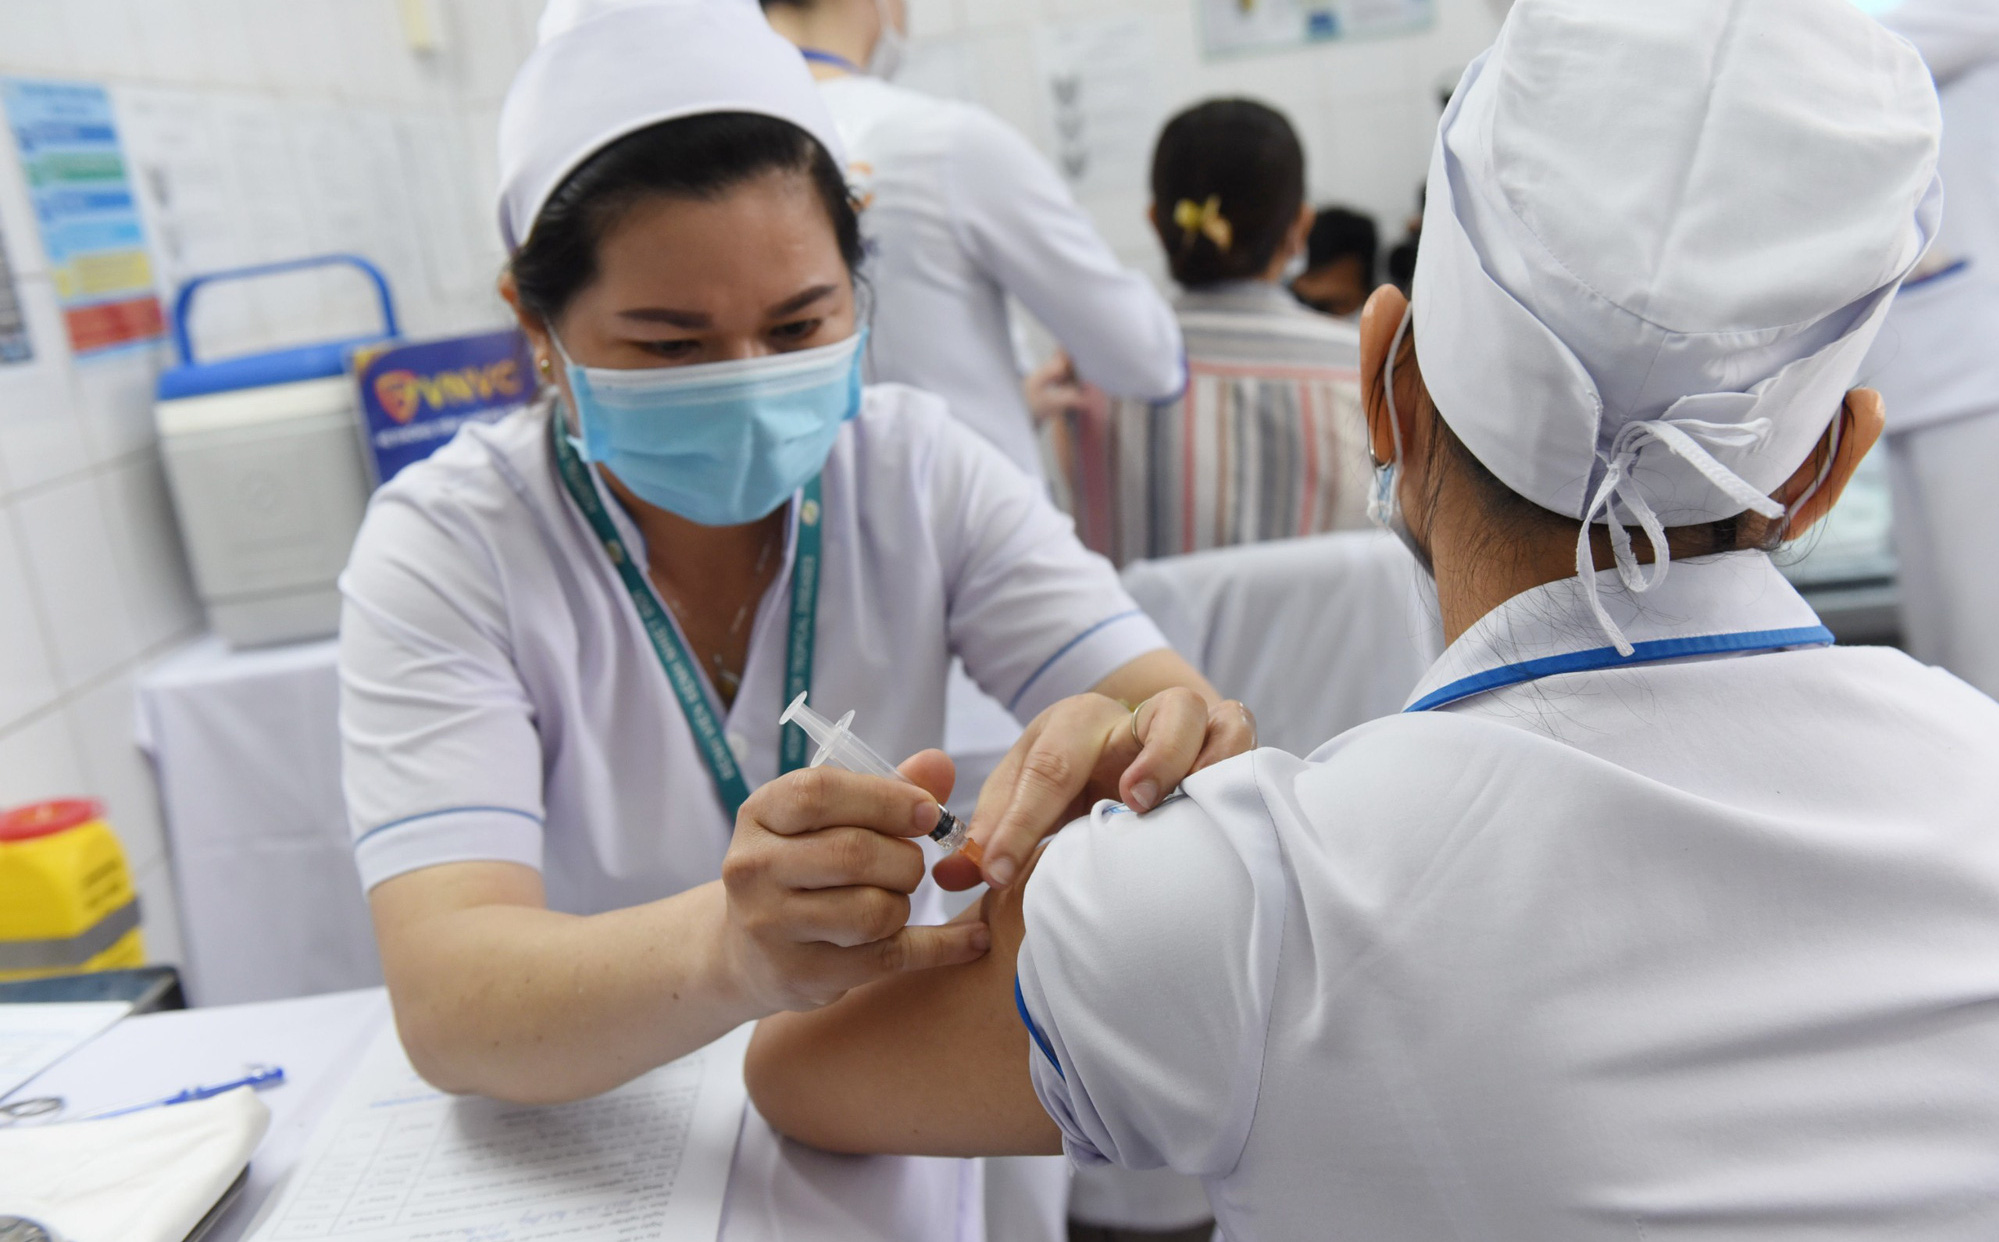 Xuất hiện tình trạng lừa đảo tiêm vắc xin phòng COVID-19, hãy chờ đến lượt để được tiêm miễn phí